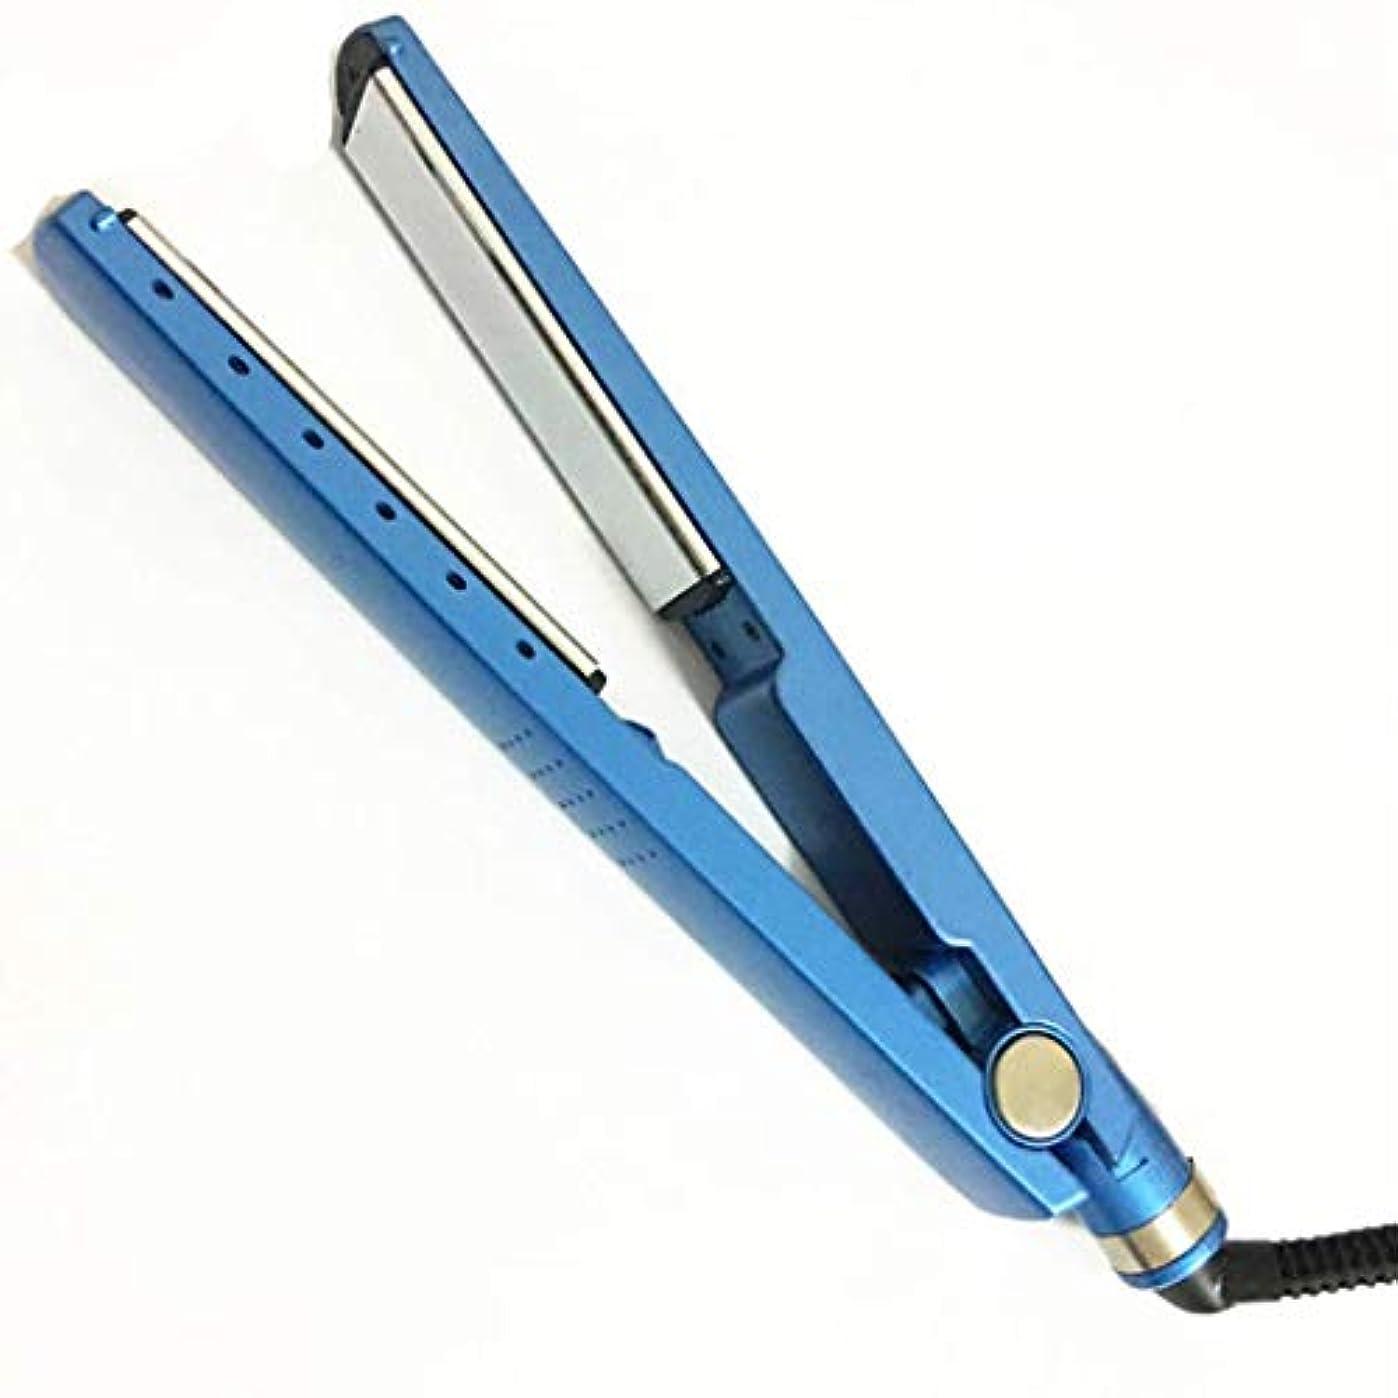 プロナノチタン?ヘア?ストレートナー、1/4ワイドストレートアイロン、LED温度設定最大450°F